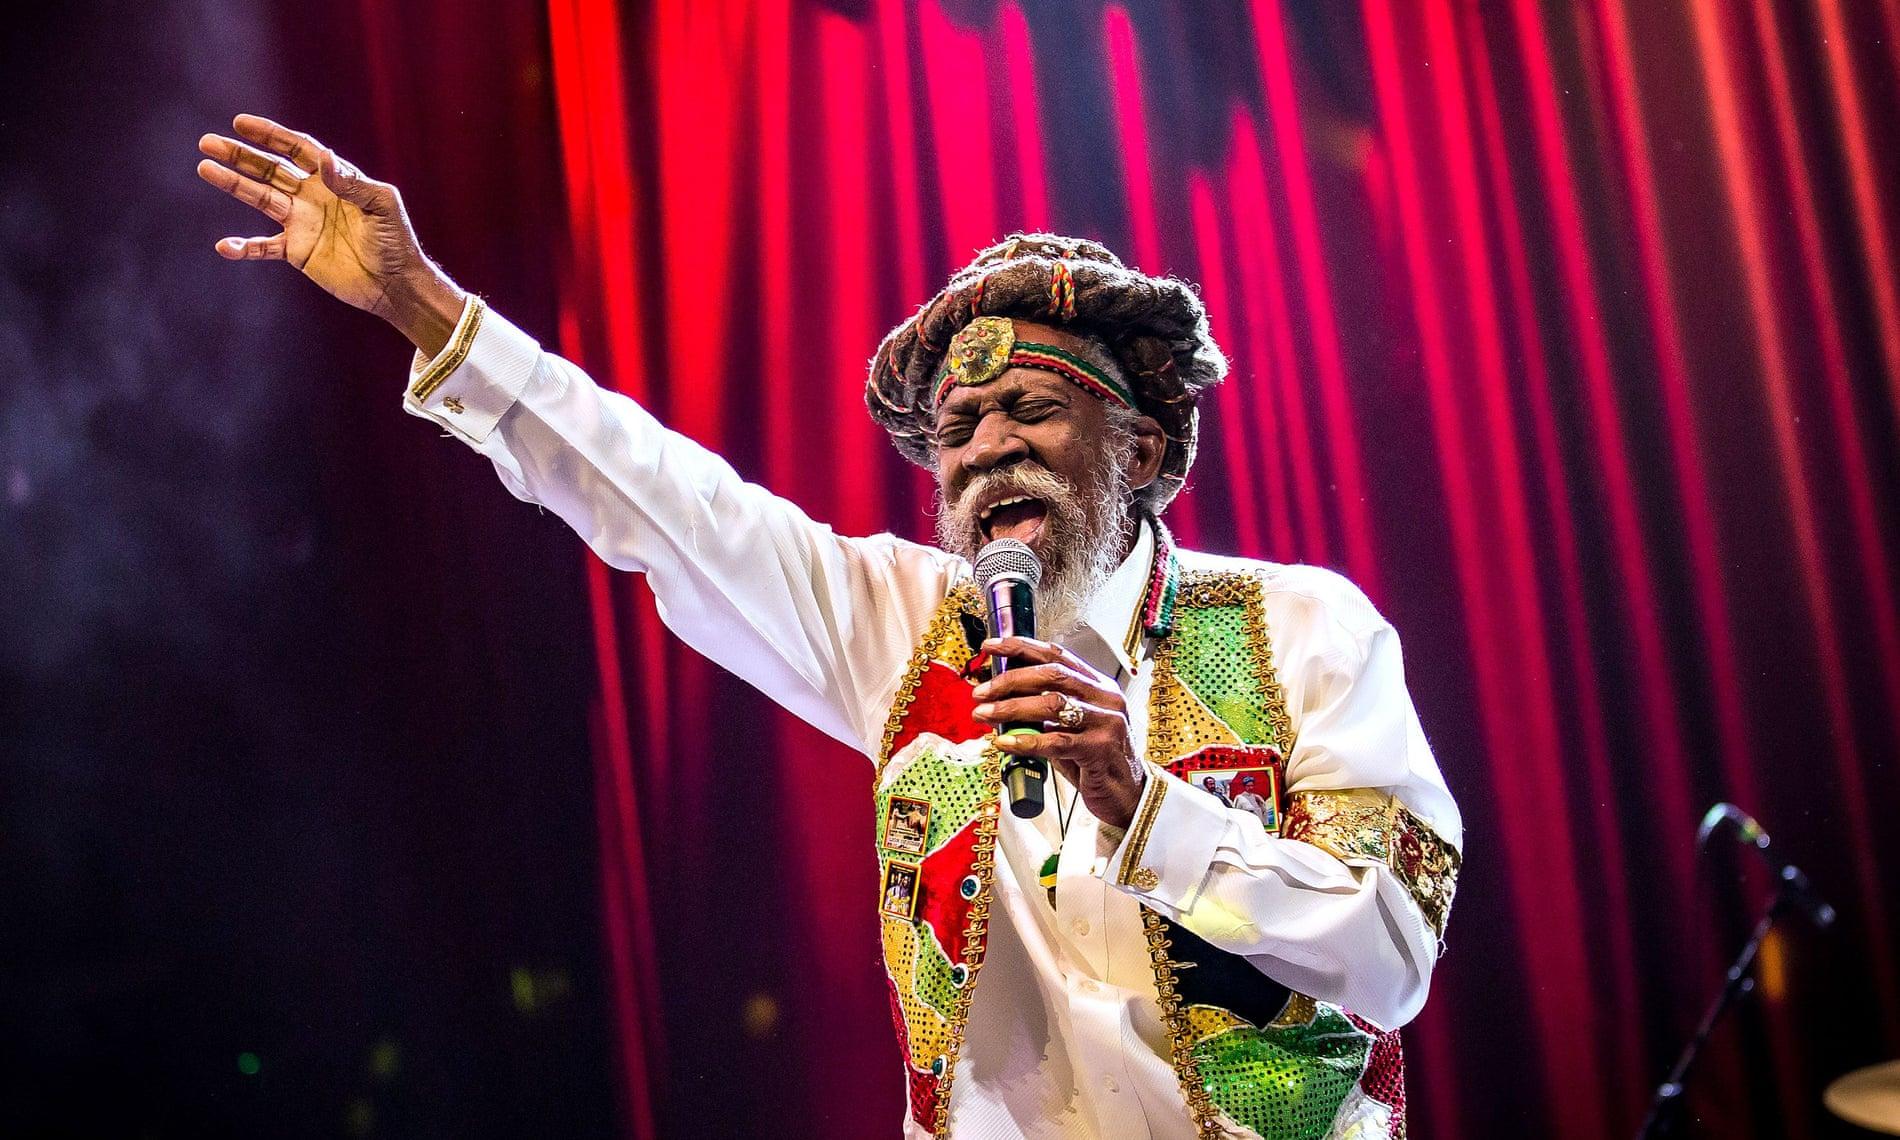 Reggae Pioneer Bunny Wailer Has Died At Age 73